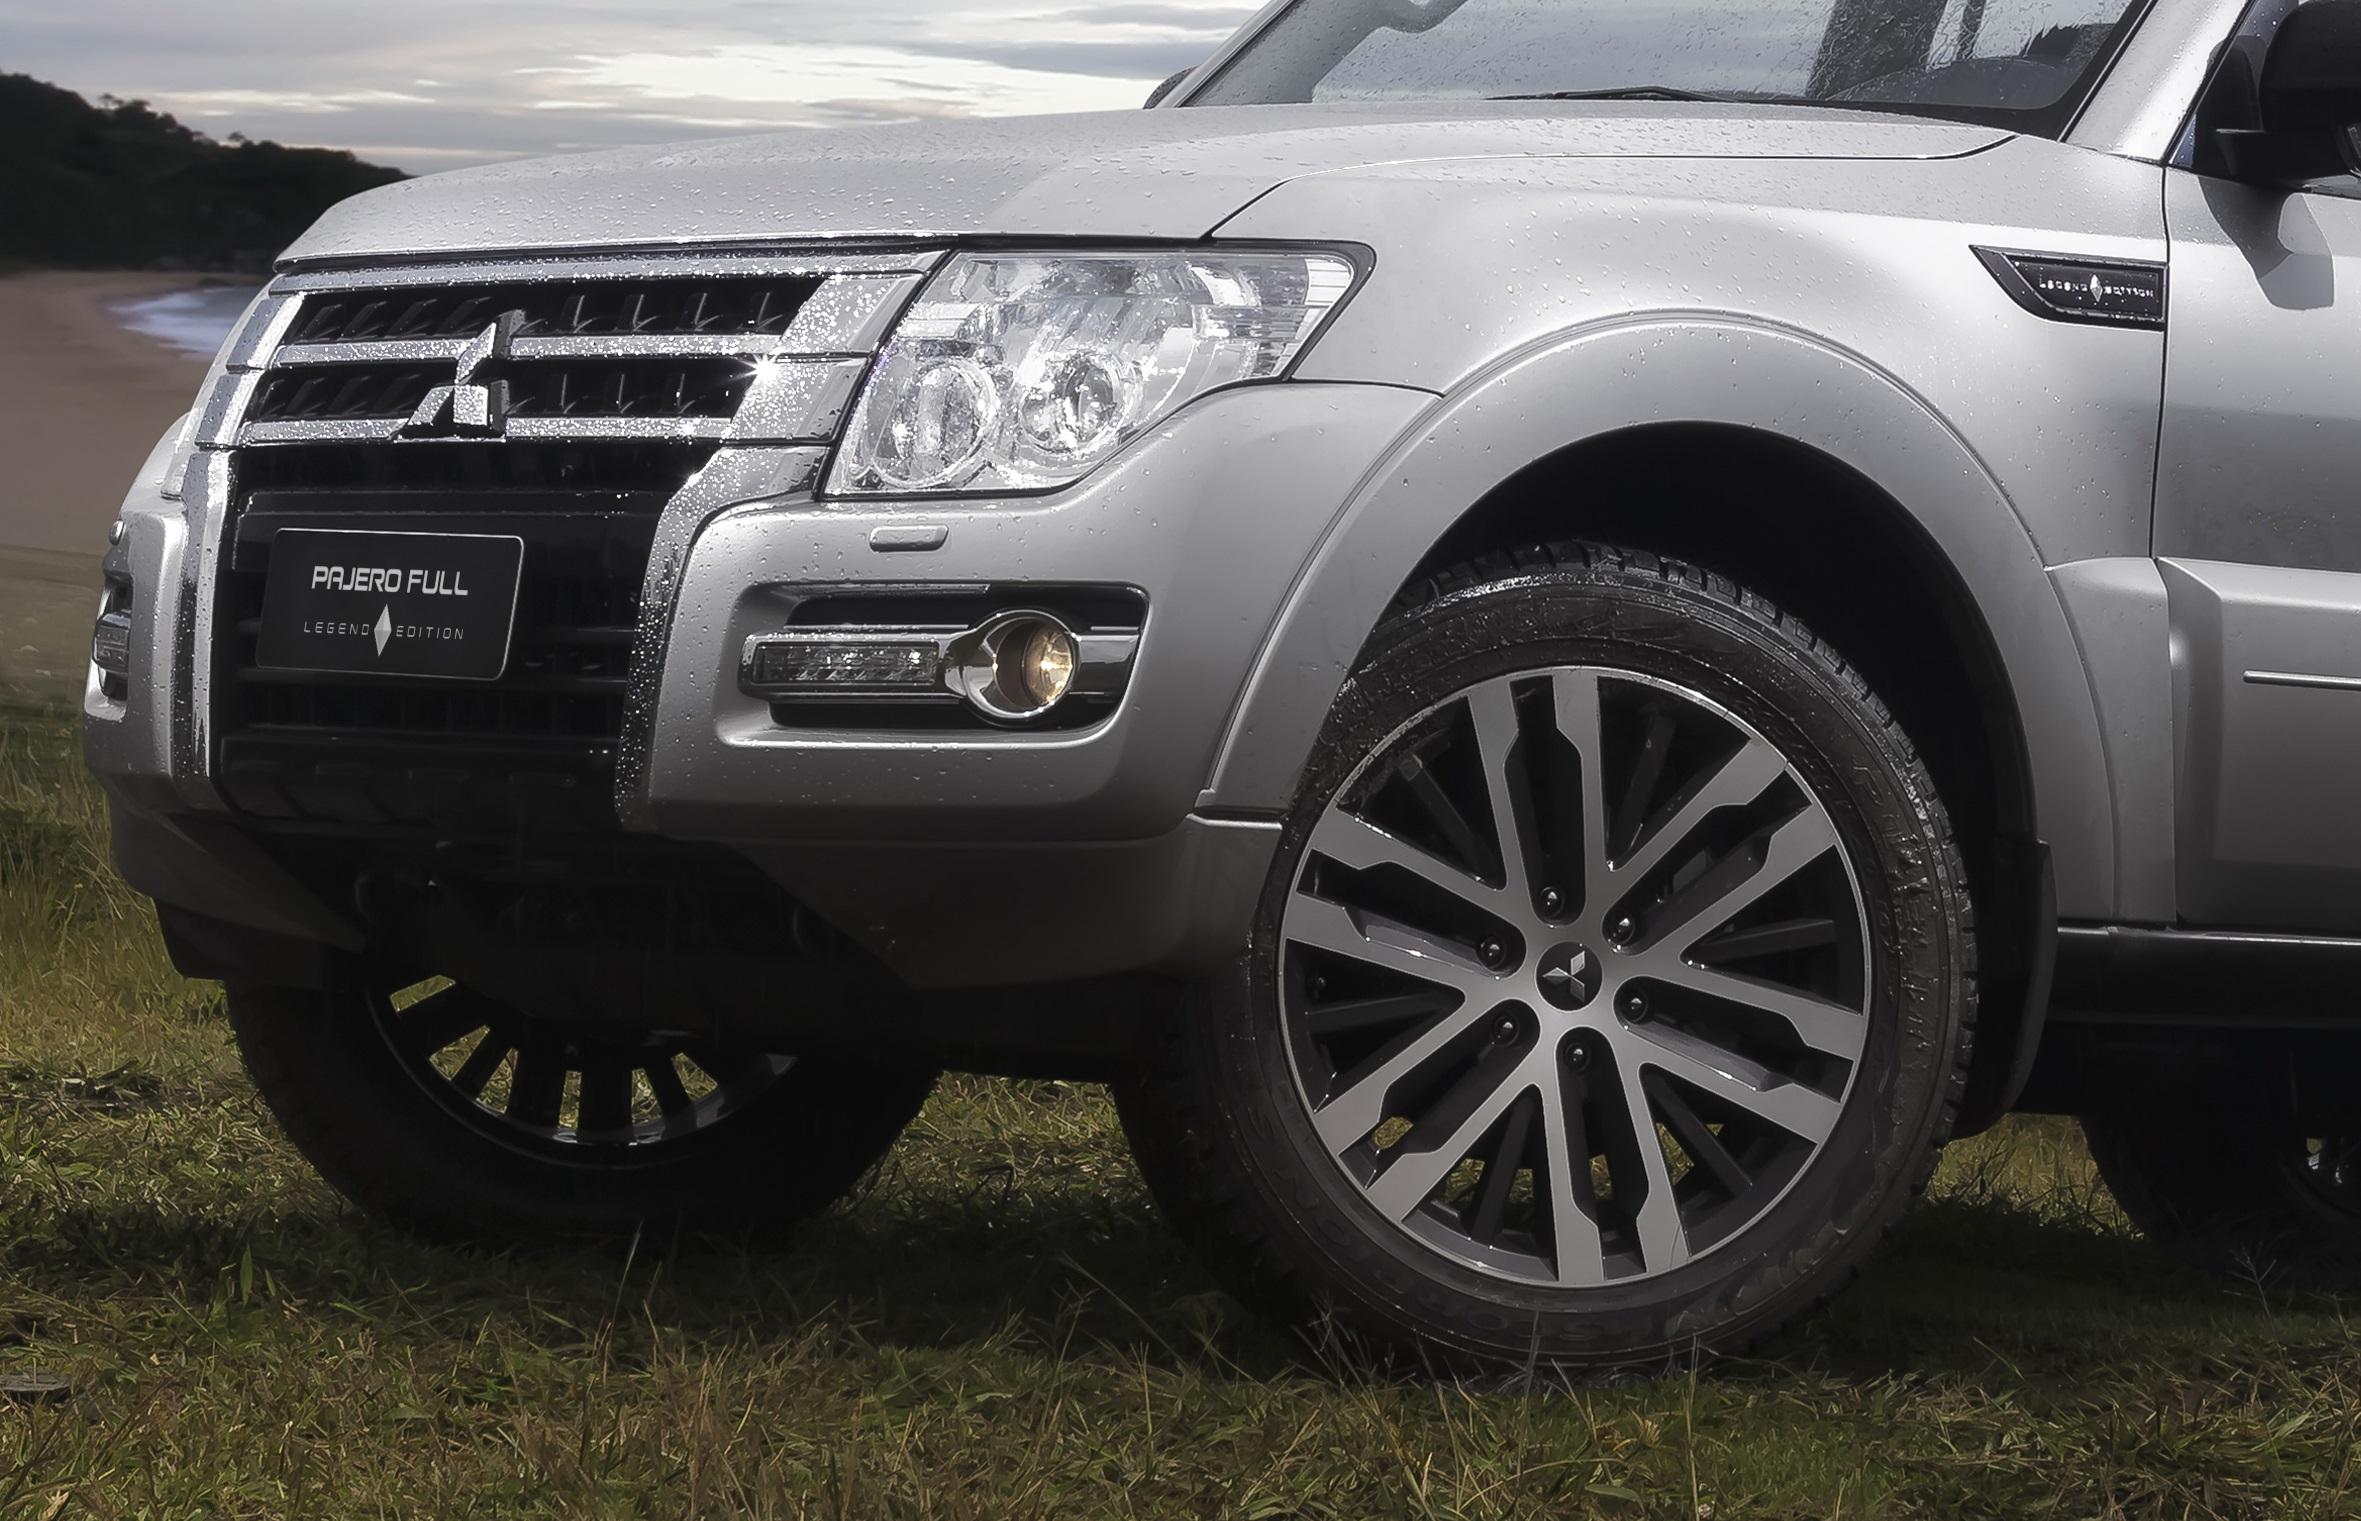 Suspensão independente nas 4 rodas com duplo 'A' na dianteira e multi-link na traseira. Testada e aprovada nos ralis mais severos do mundo.